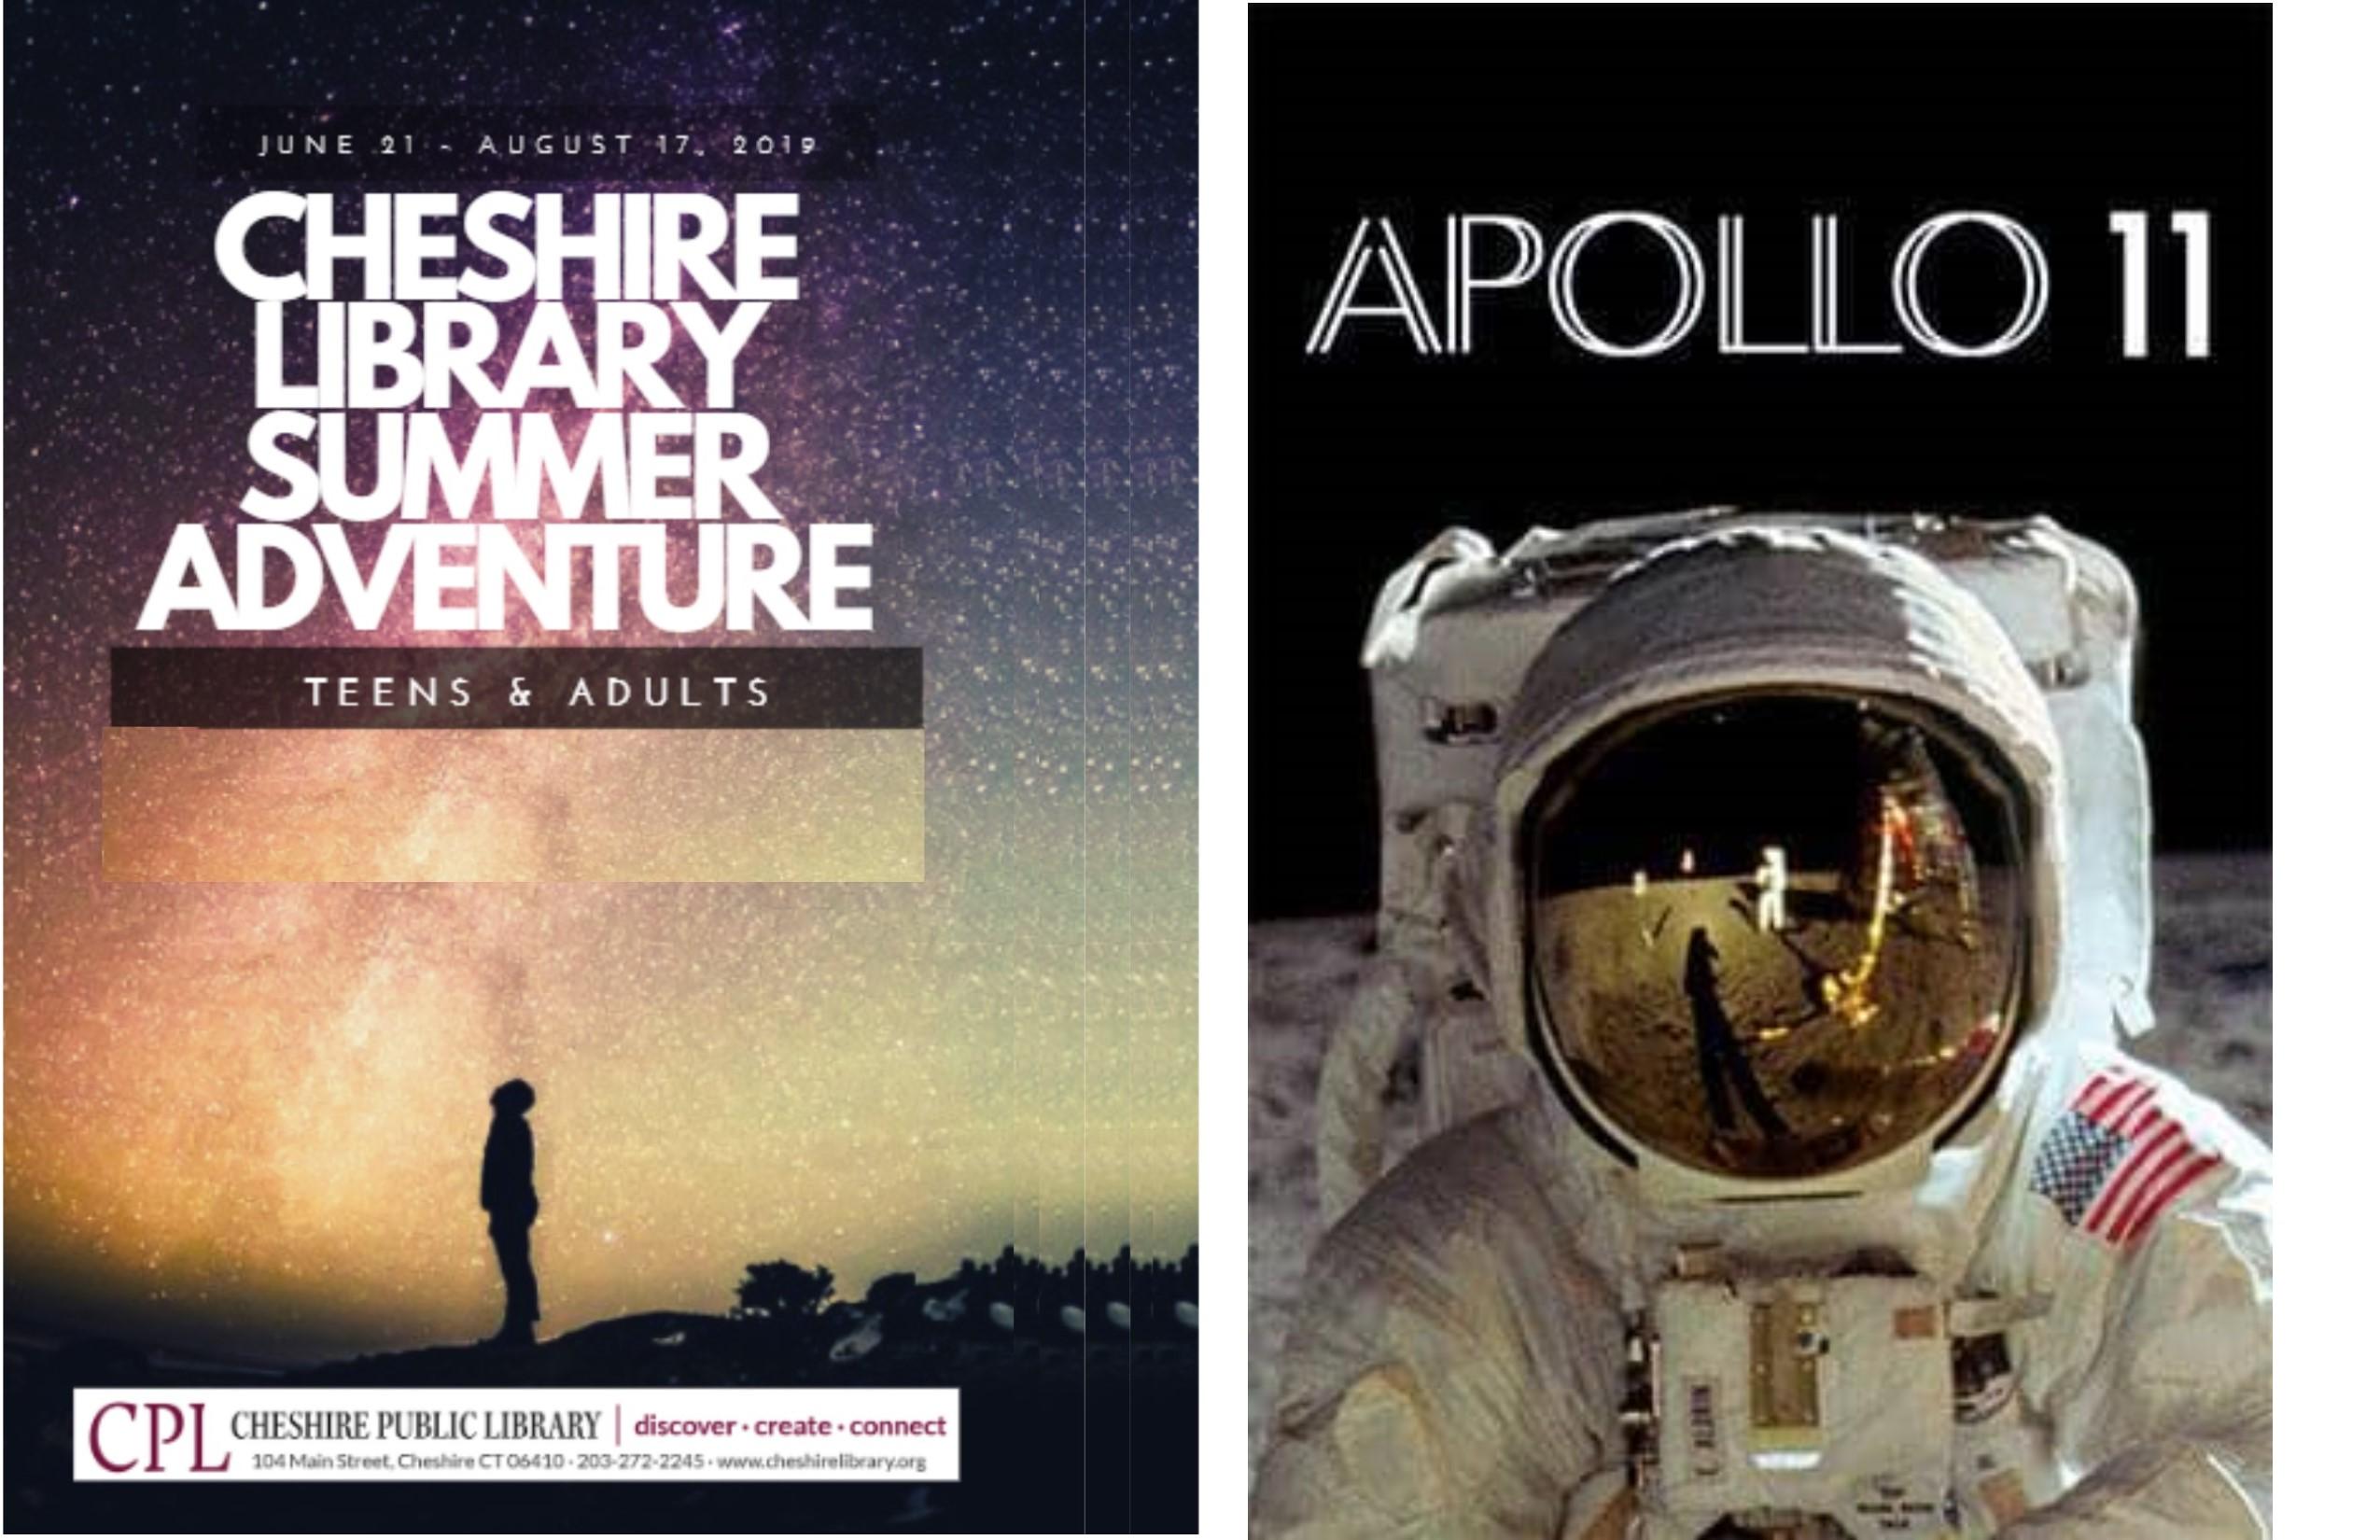 Documentary: Apollo 11 (2019)